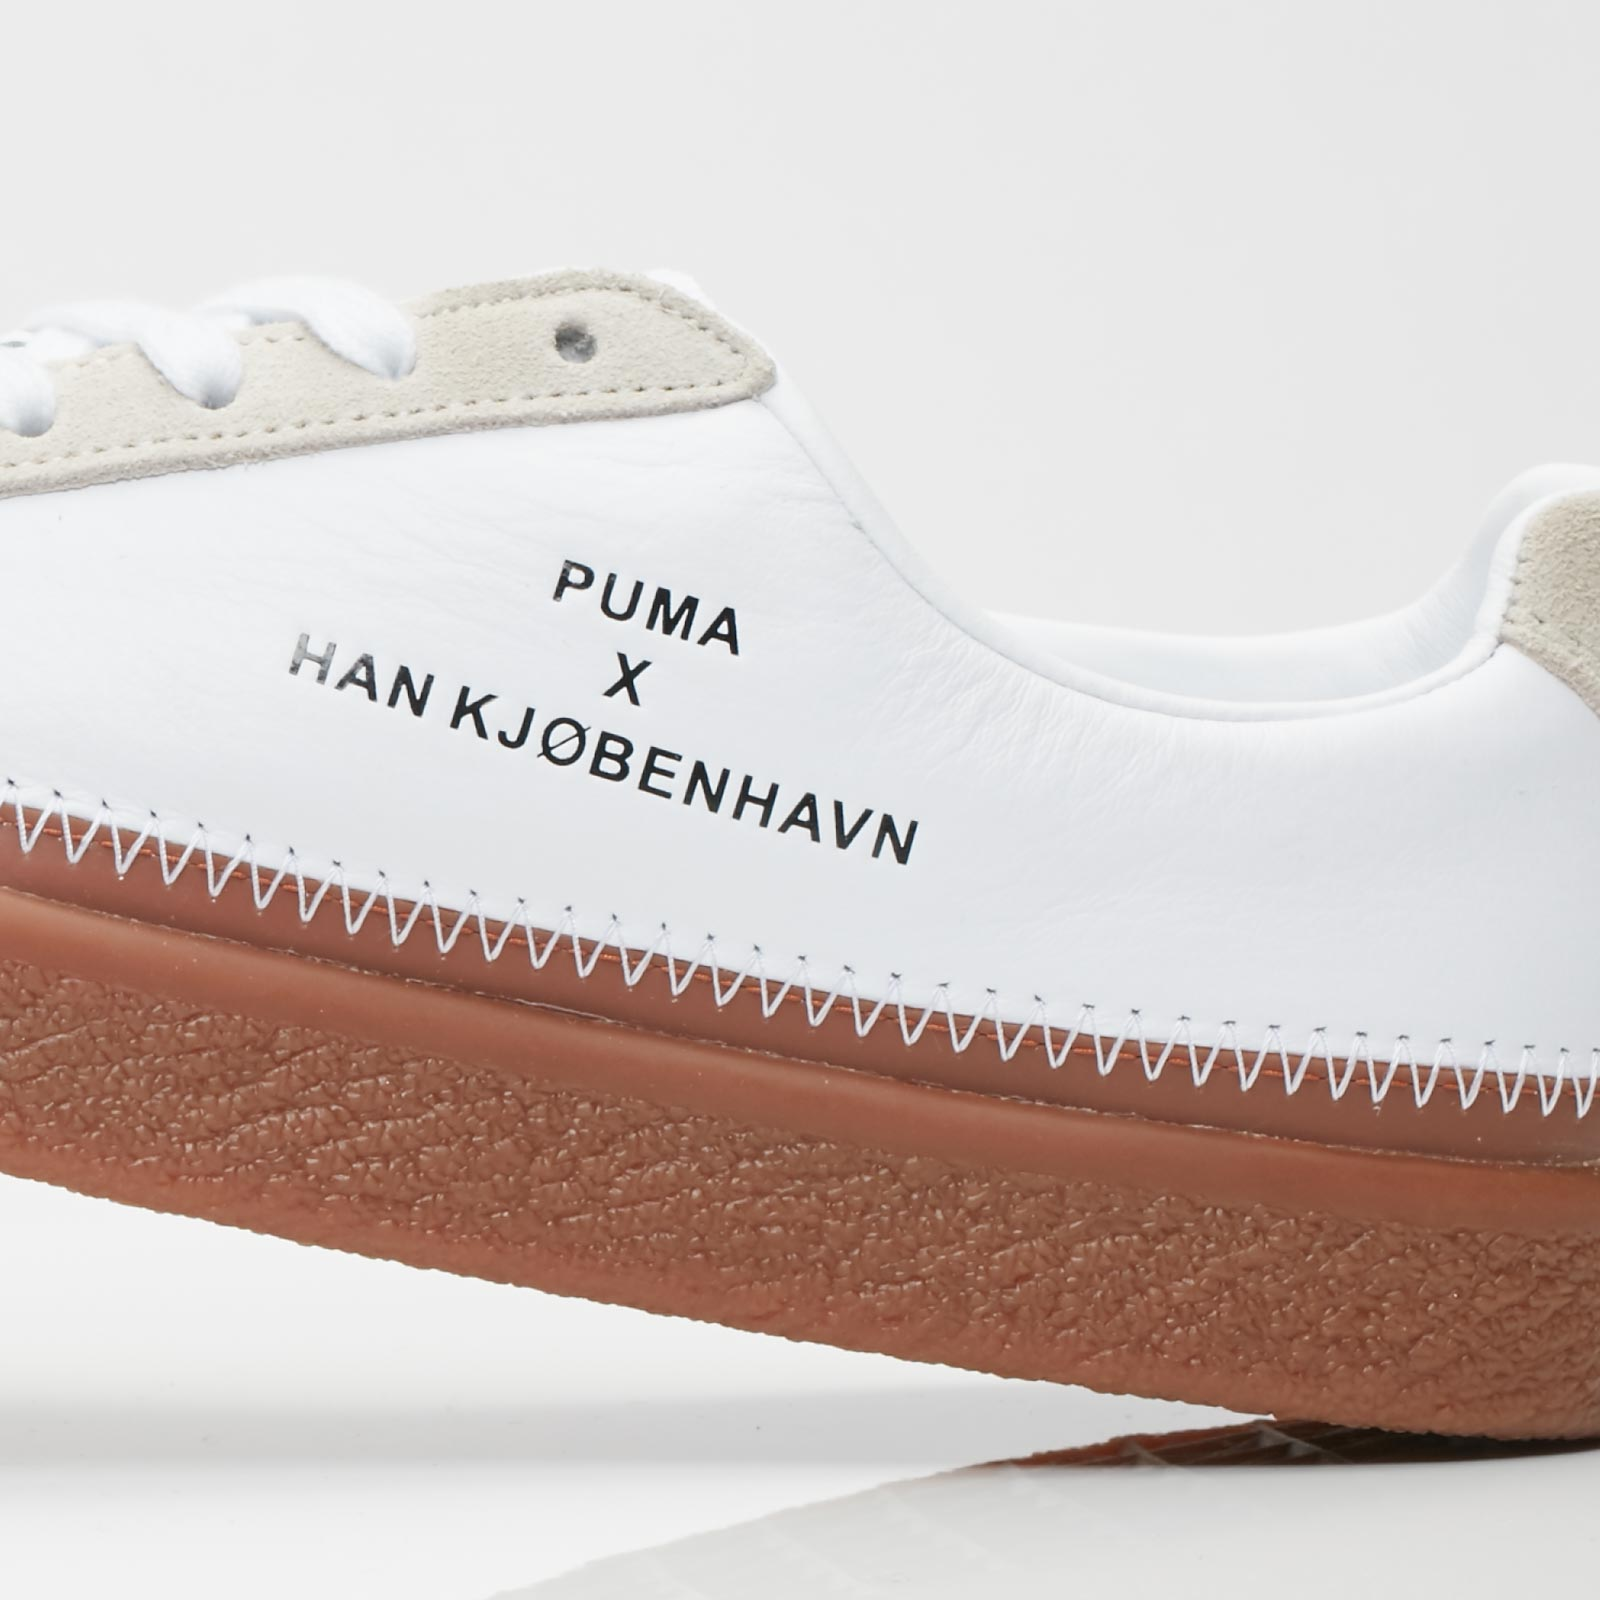 brand new d3713 db3b4 Puma Clyde Stitched x Han Kjøbenhavn - 364474-01 ...